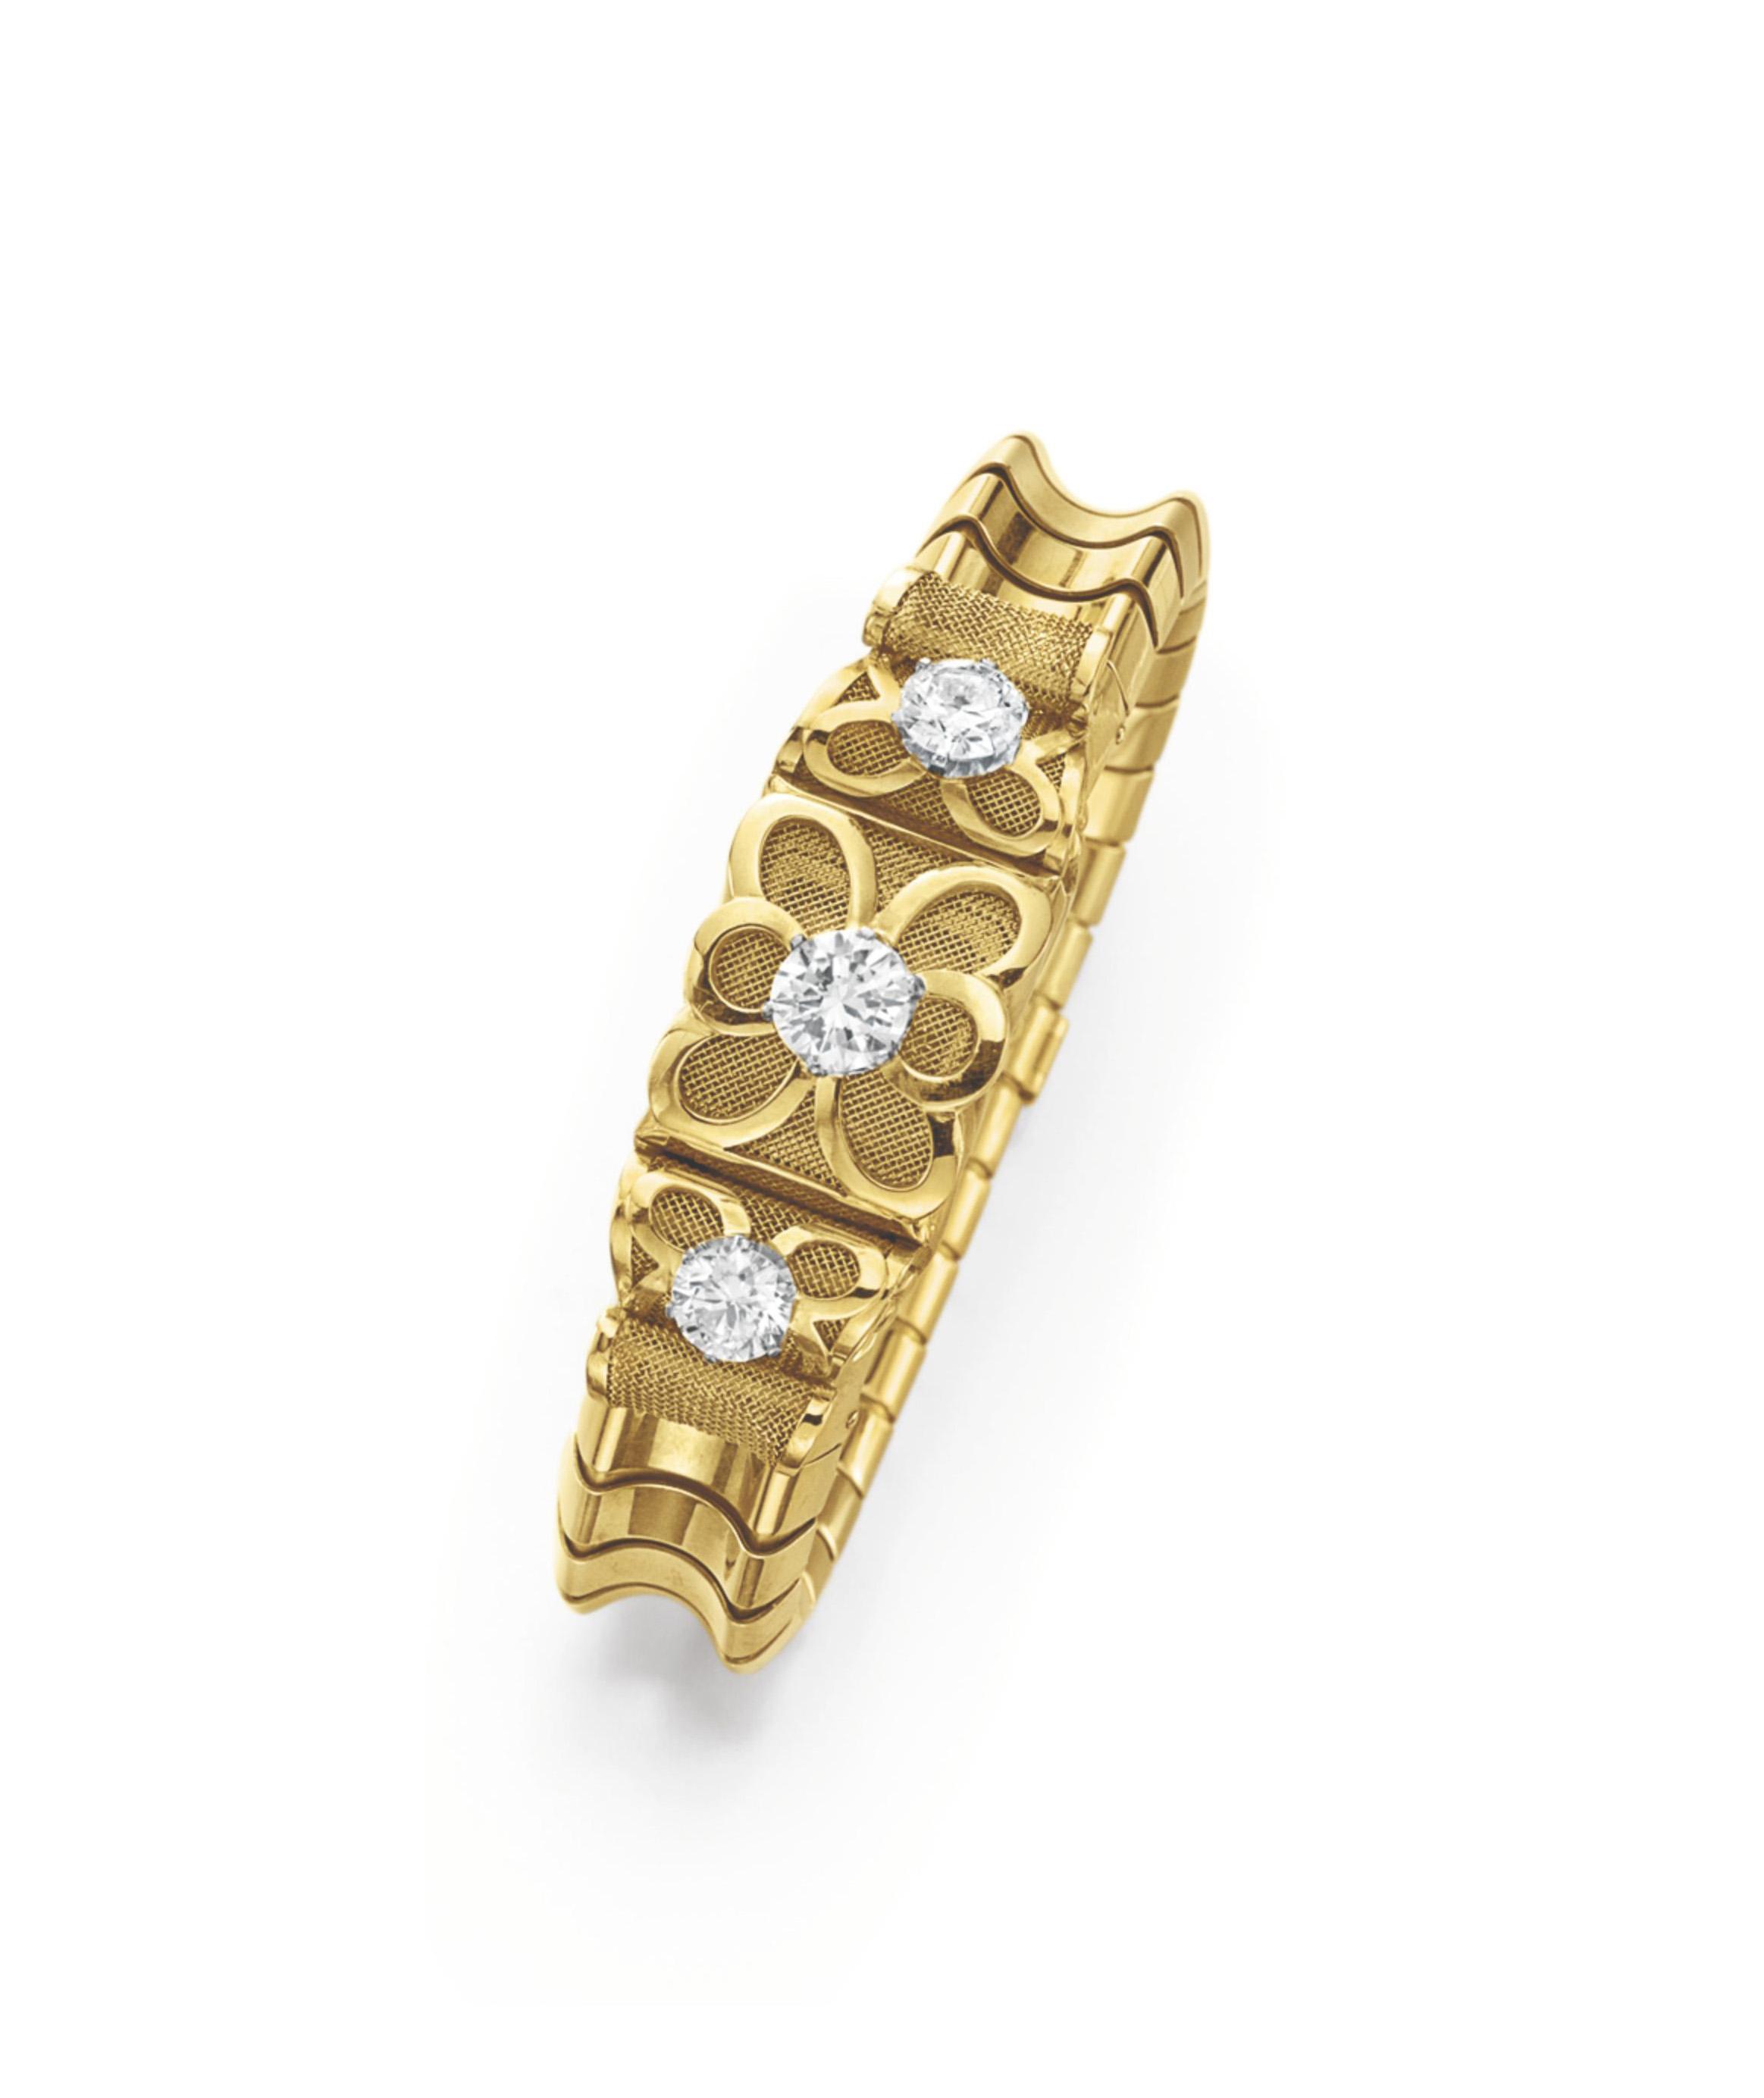 A DIAMOND AND GOLD BRACELET-WATCH, BY GÜBELIN